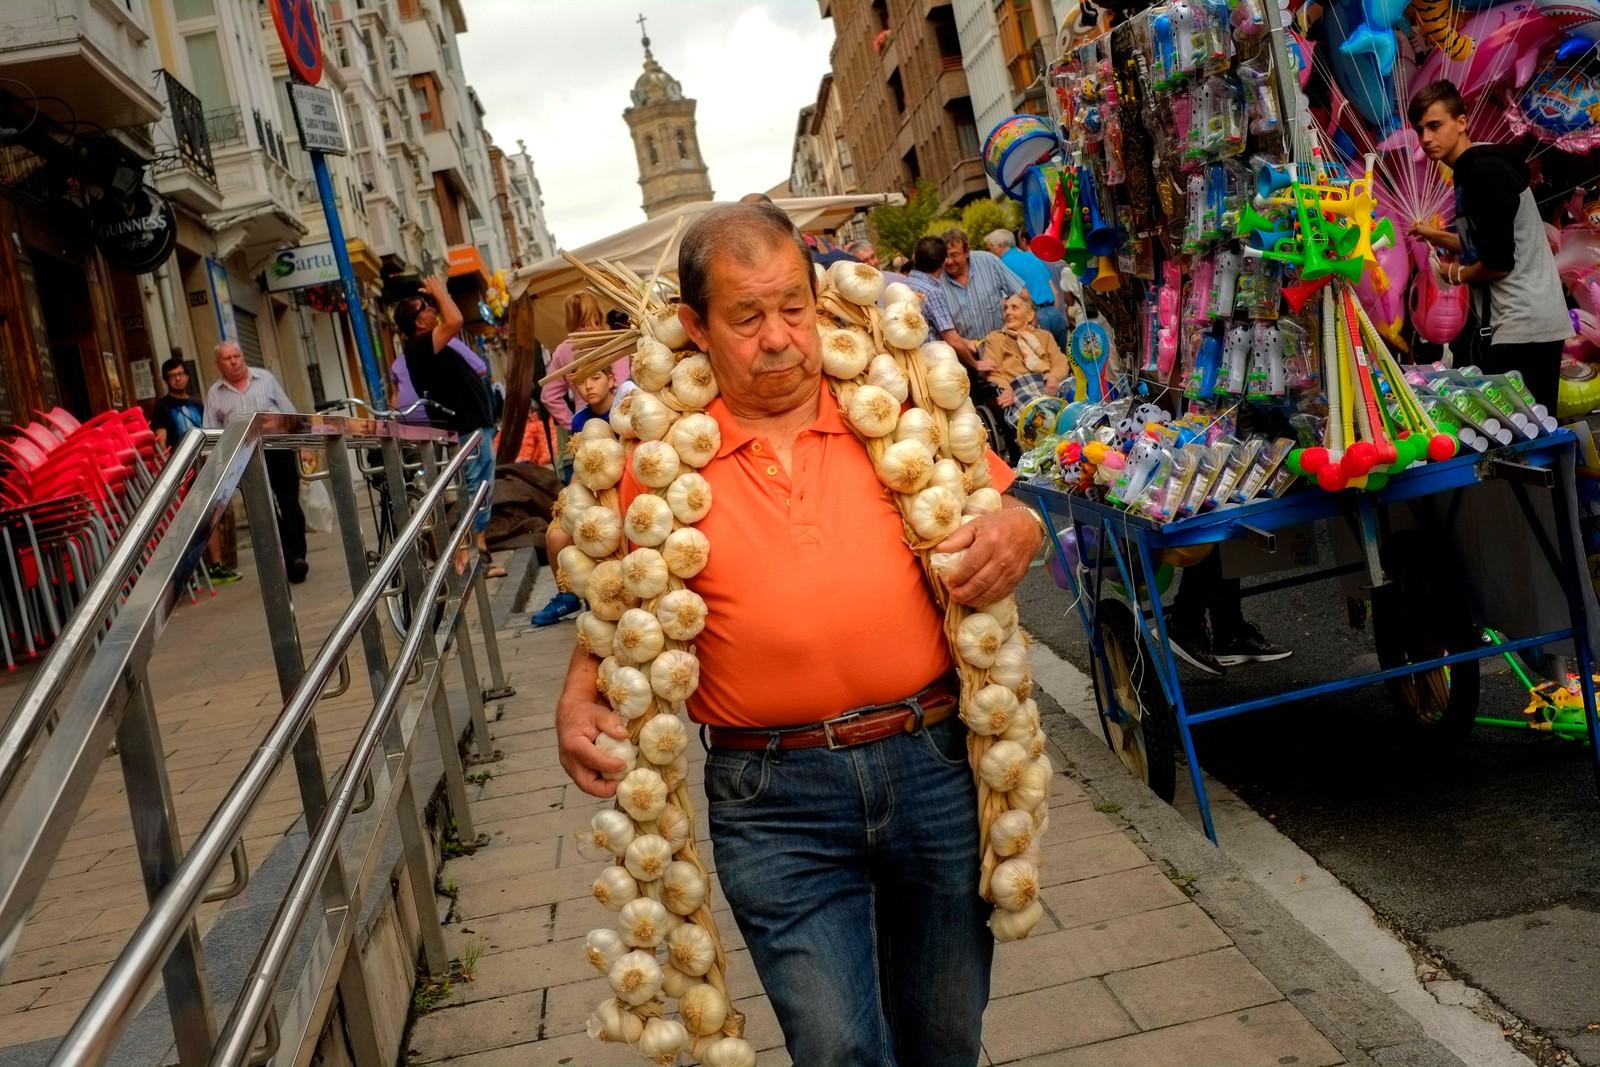 En mann bærer hvitløk i Vitoria i Spania den 25. juli. Hvert år samles hvitløkprodusenter på den tradisjonelle messen, som alltid legges til feiringen av St. Jakobs dag.